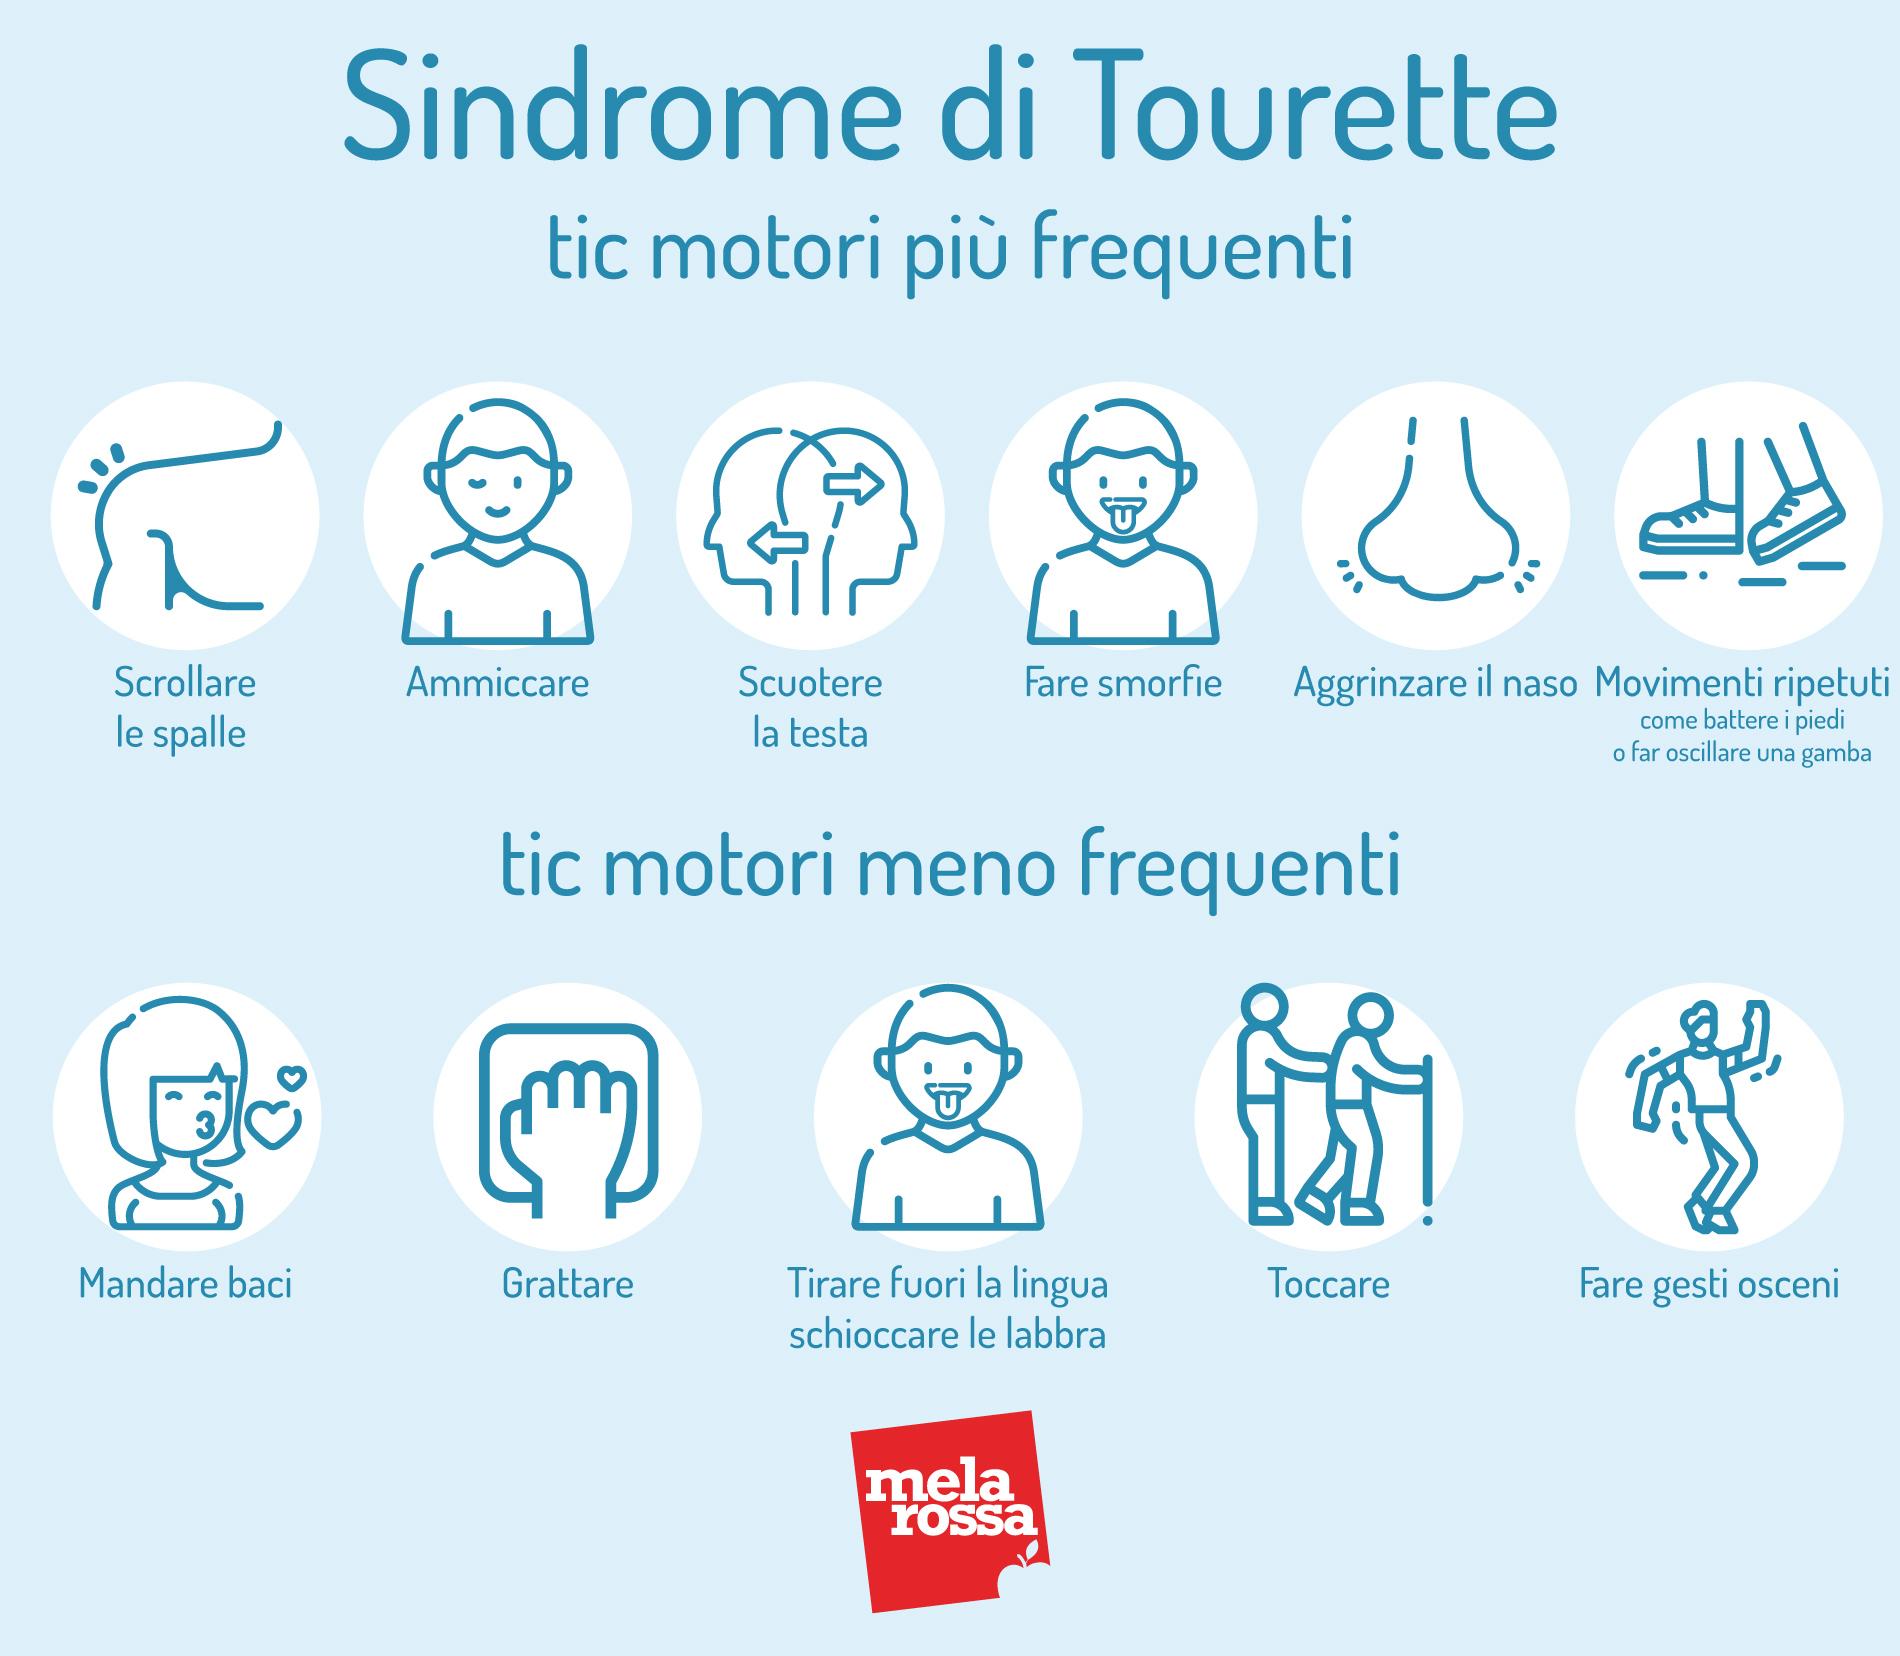 Sindrome di Tourette e tic motori